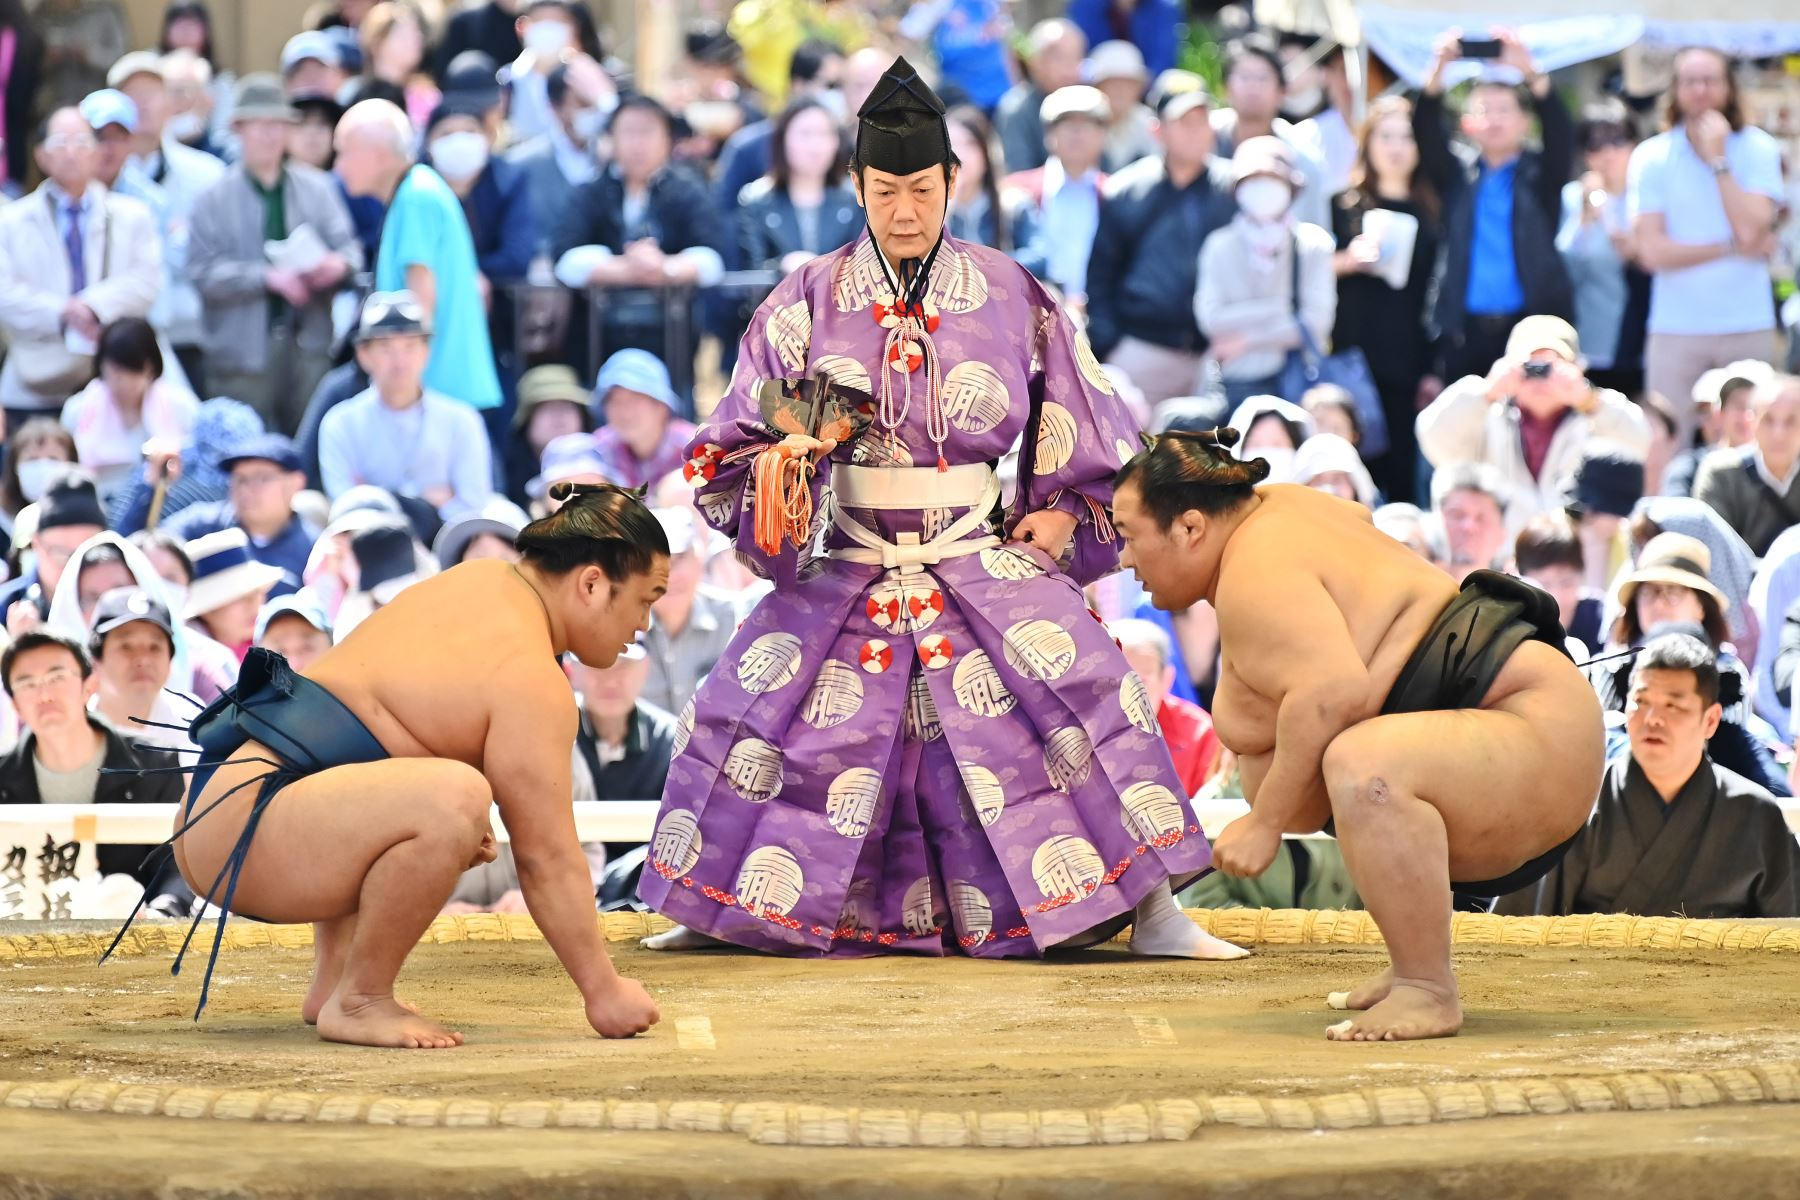 """Los luchadores de sumo participan en una ceremonia tradicional de entrada al ring como parte de un """"honozumo"""", una exhibición ceremonial de sumo, en los terrenos del santuario Yasukuni en Tokio. Foto: AFP"""